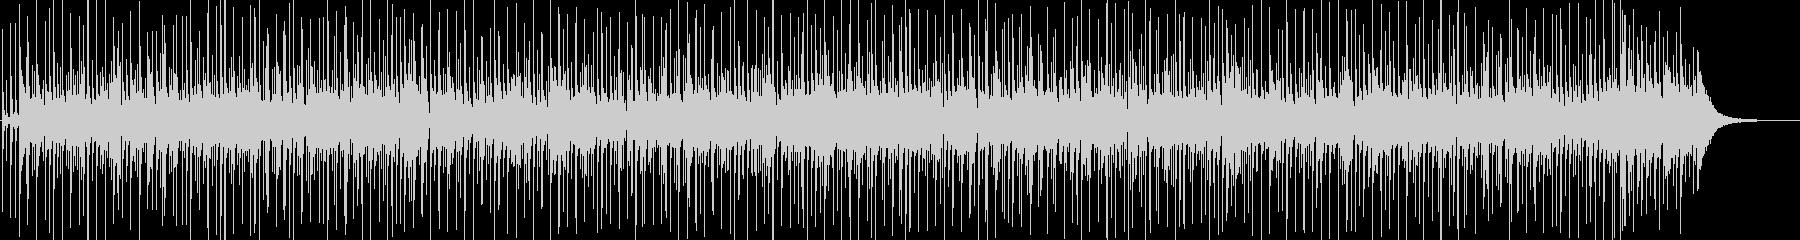 スラップベースがかっこいいファンキーの未再生の波形